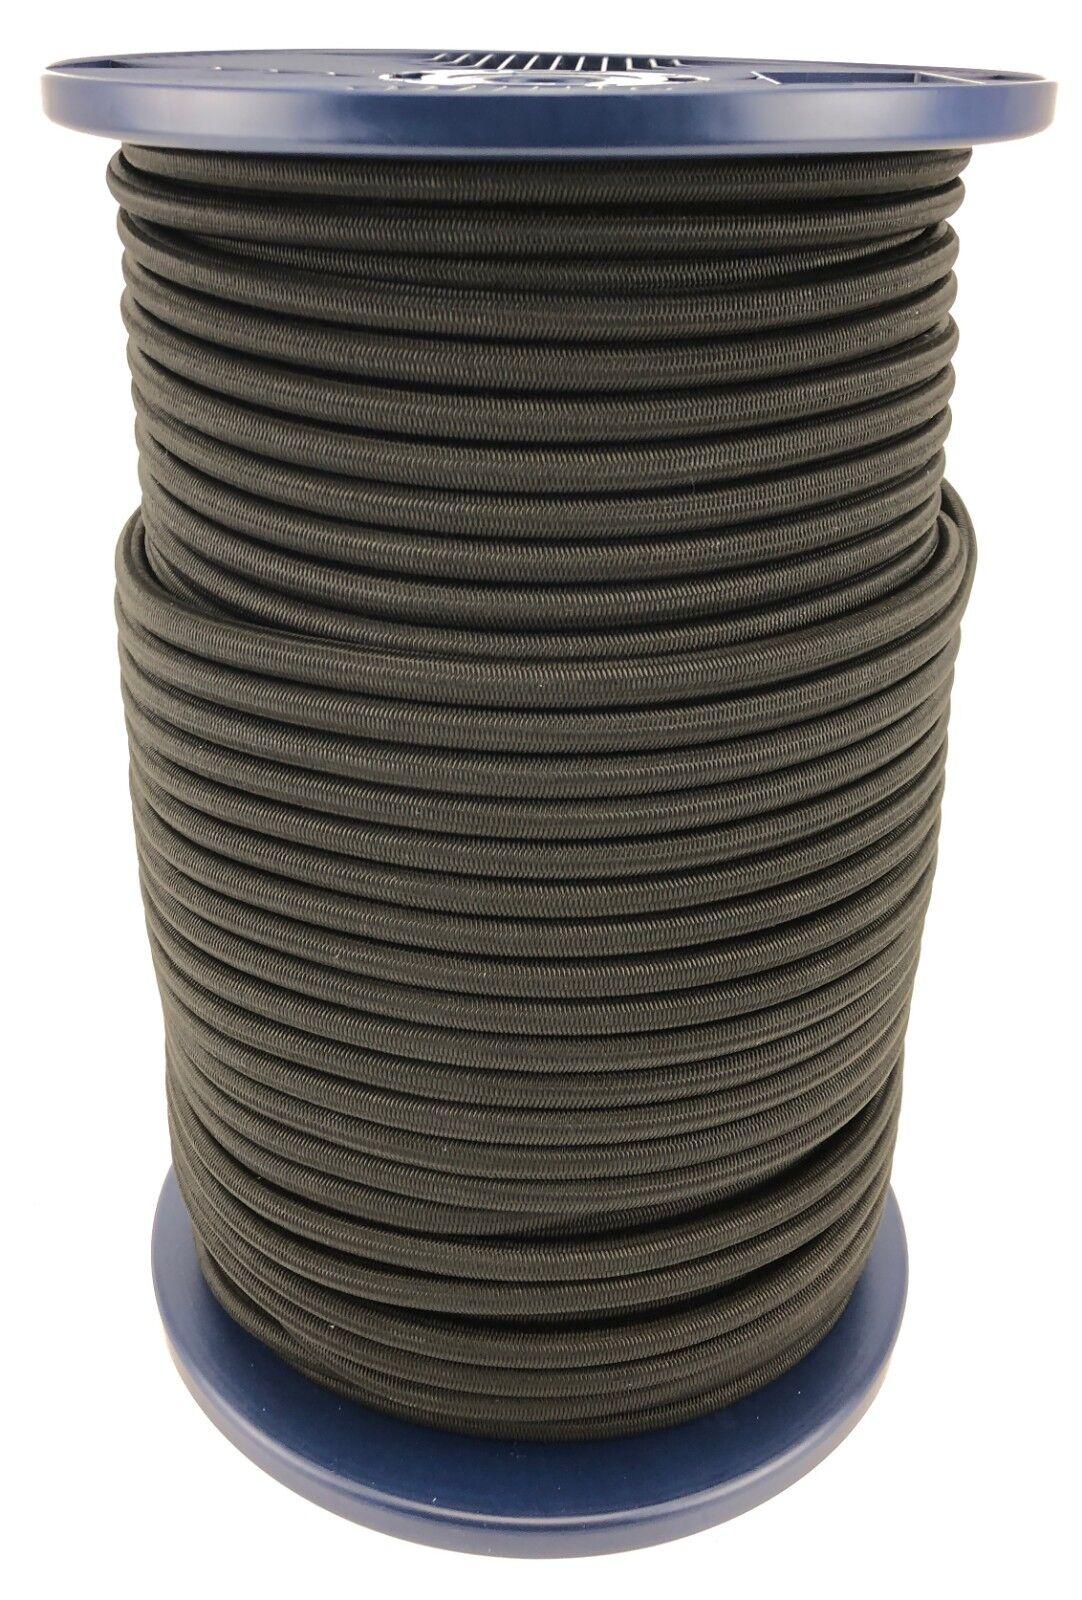 12mm Negro Bungee Elastica  Cuerda X 50 Metros Cuerda Elástica Anudable  el precio más bajo